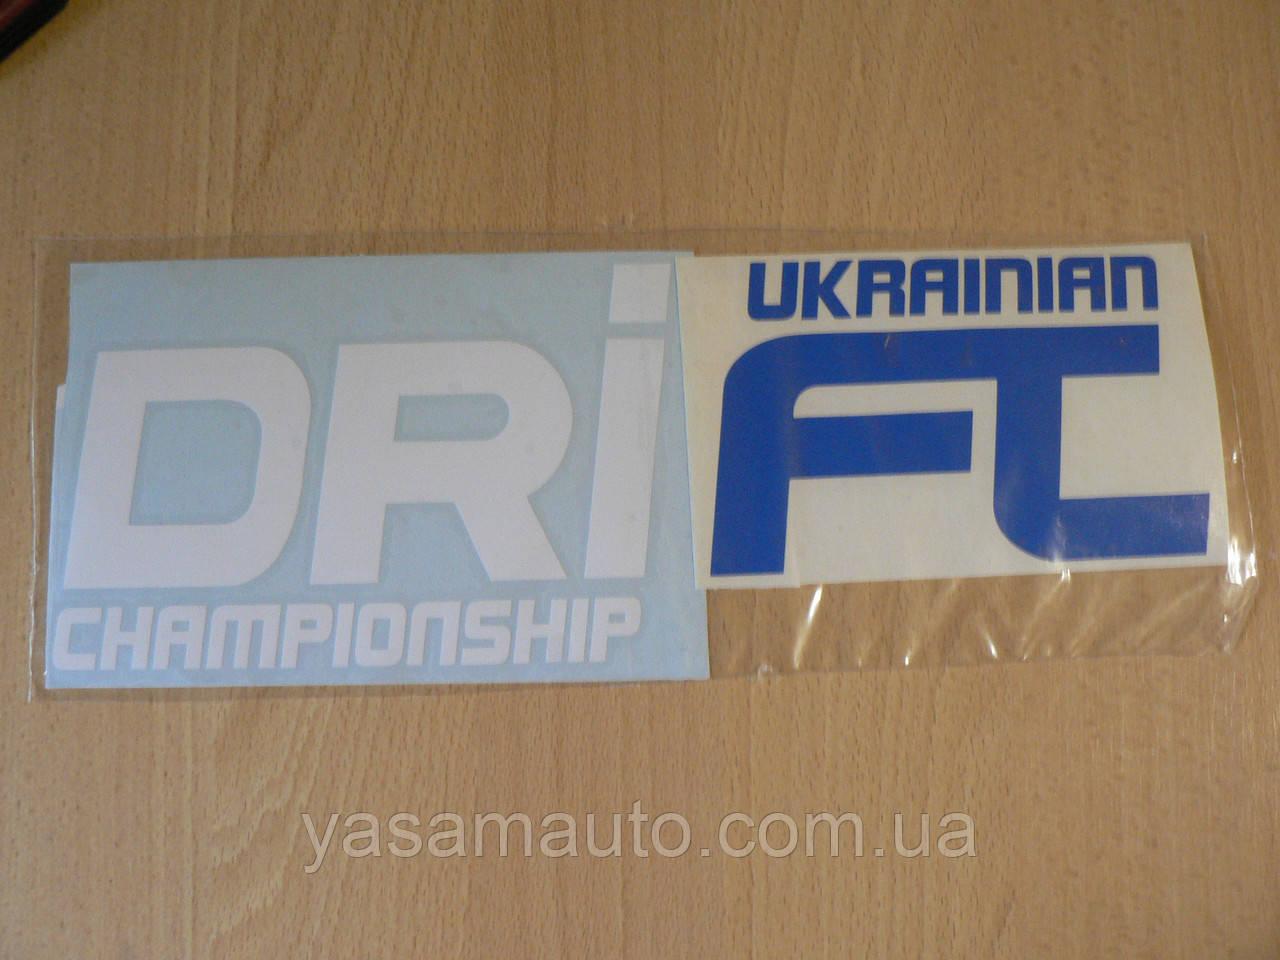 Наклейка vc спорт Дрифт набор 2шт белая 170х110мм синяя 133х86 Ukrainian Drift Championship UDC на авто гонки